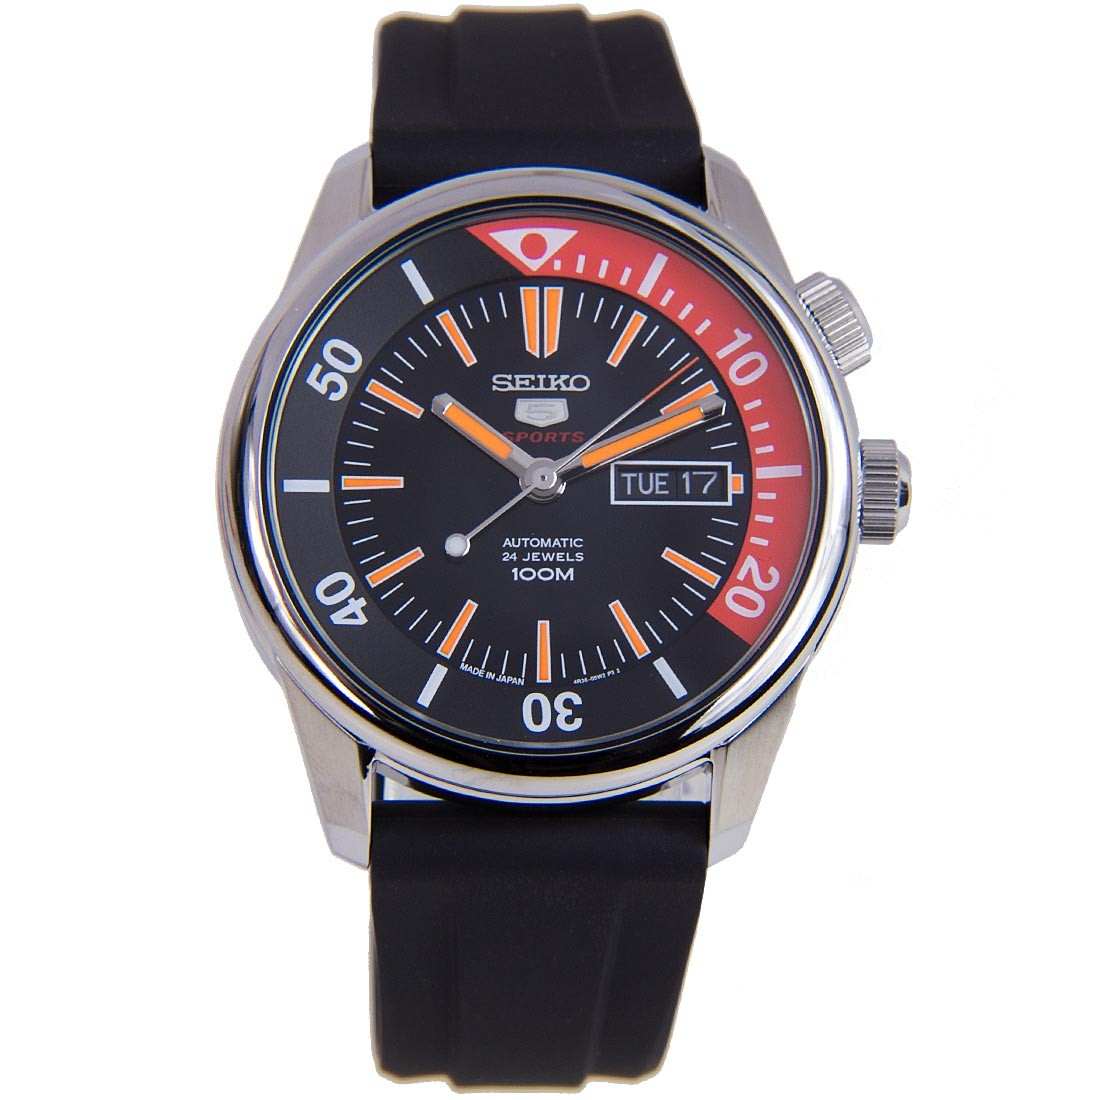 นาฬิกาผู้ชาย Seiko รุ่น SRPB31J1, Seiko 5 Sports Automatic Japan